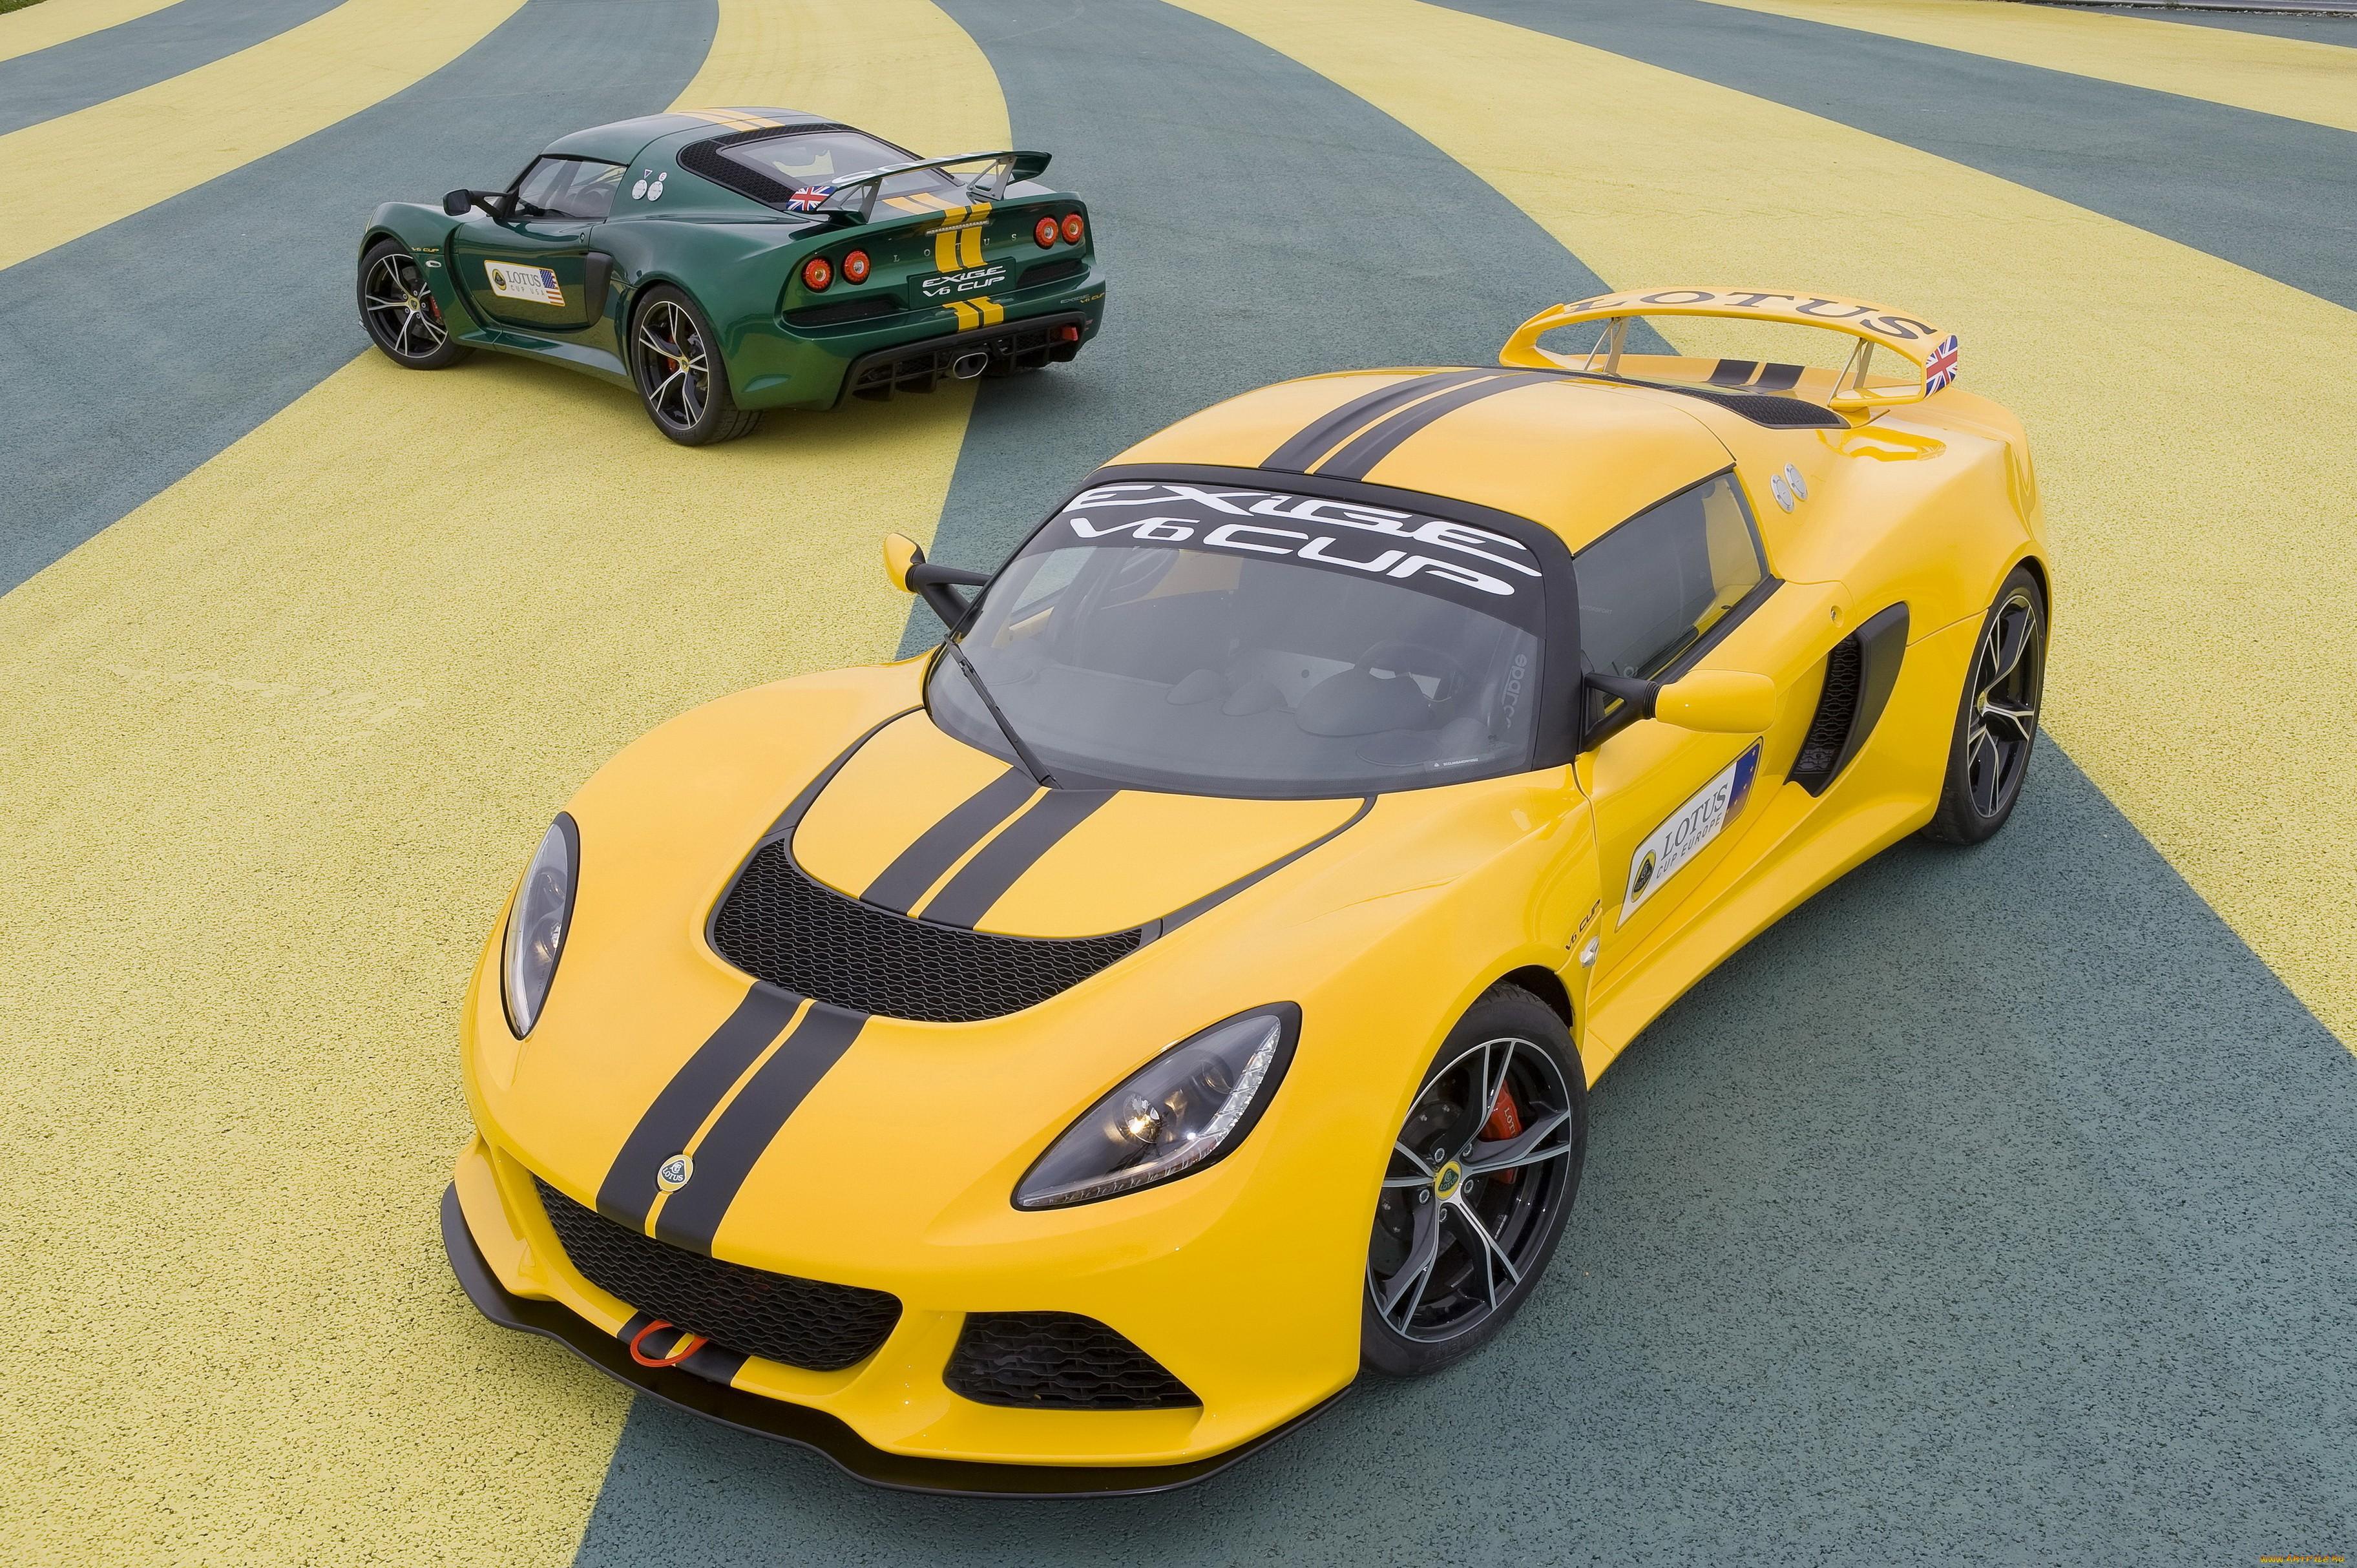 Lotus Exige 2013 - 3648x2427